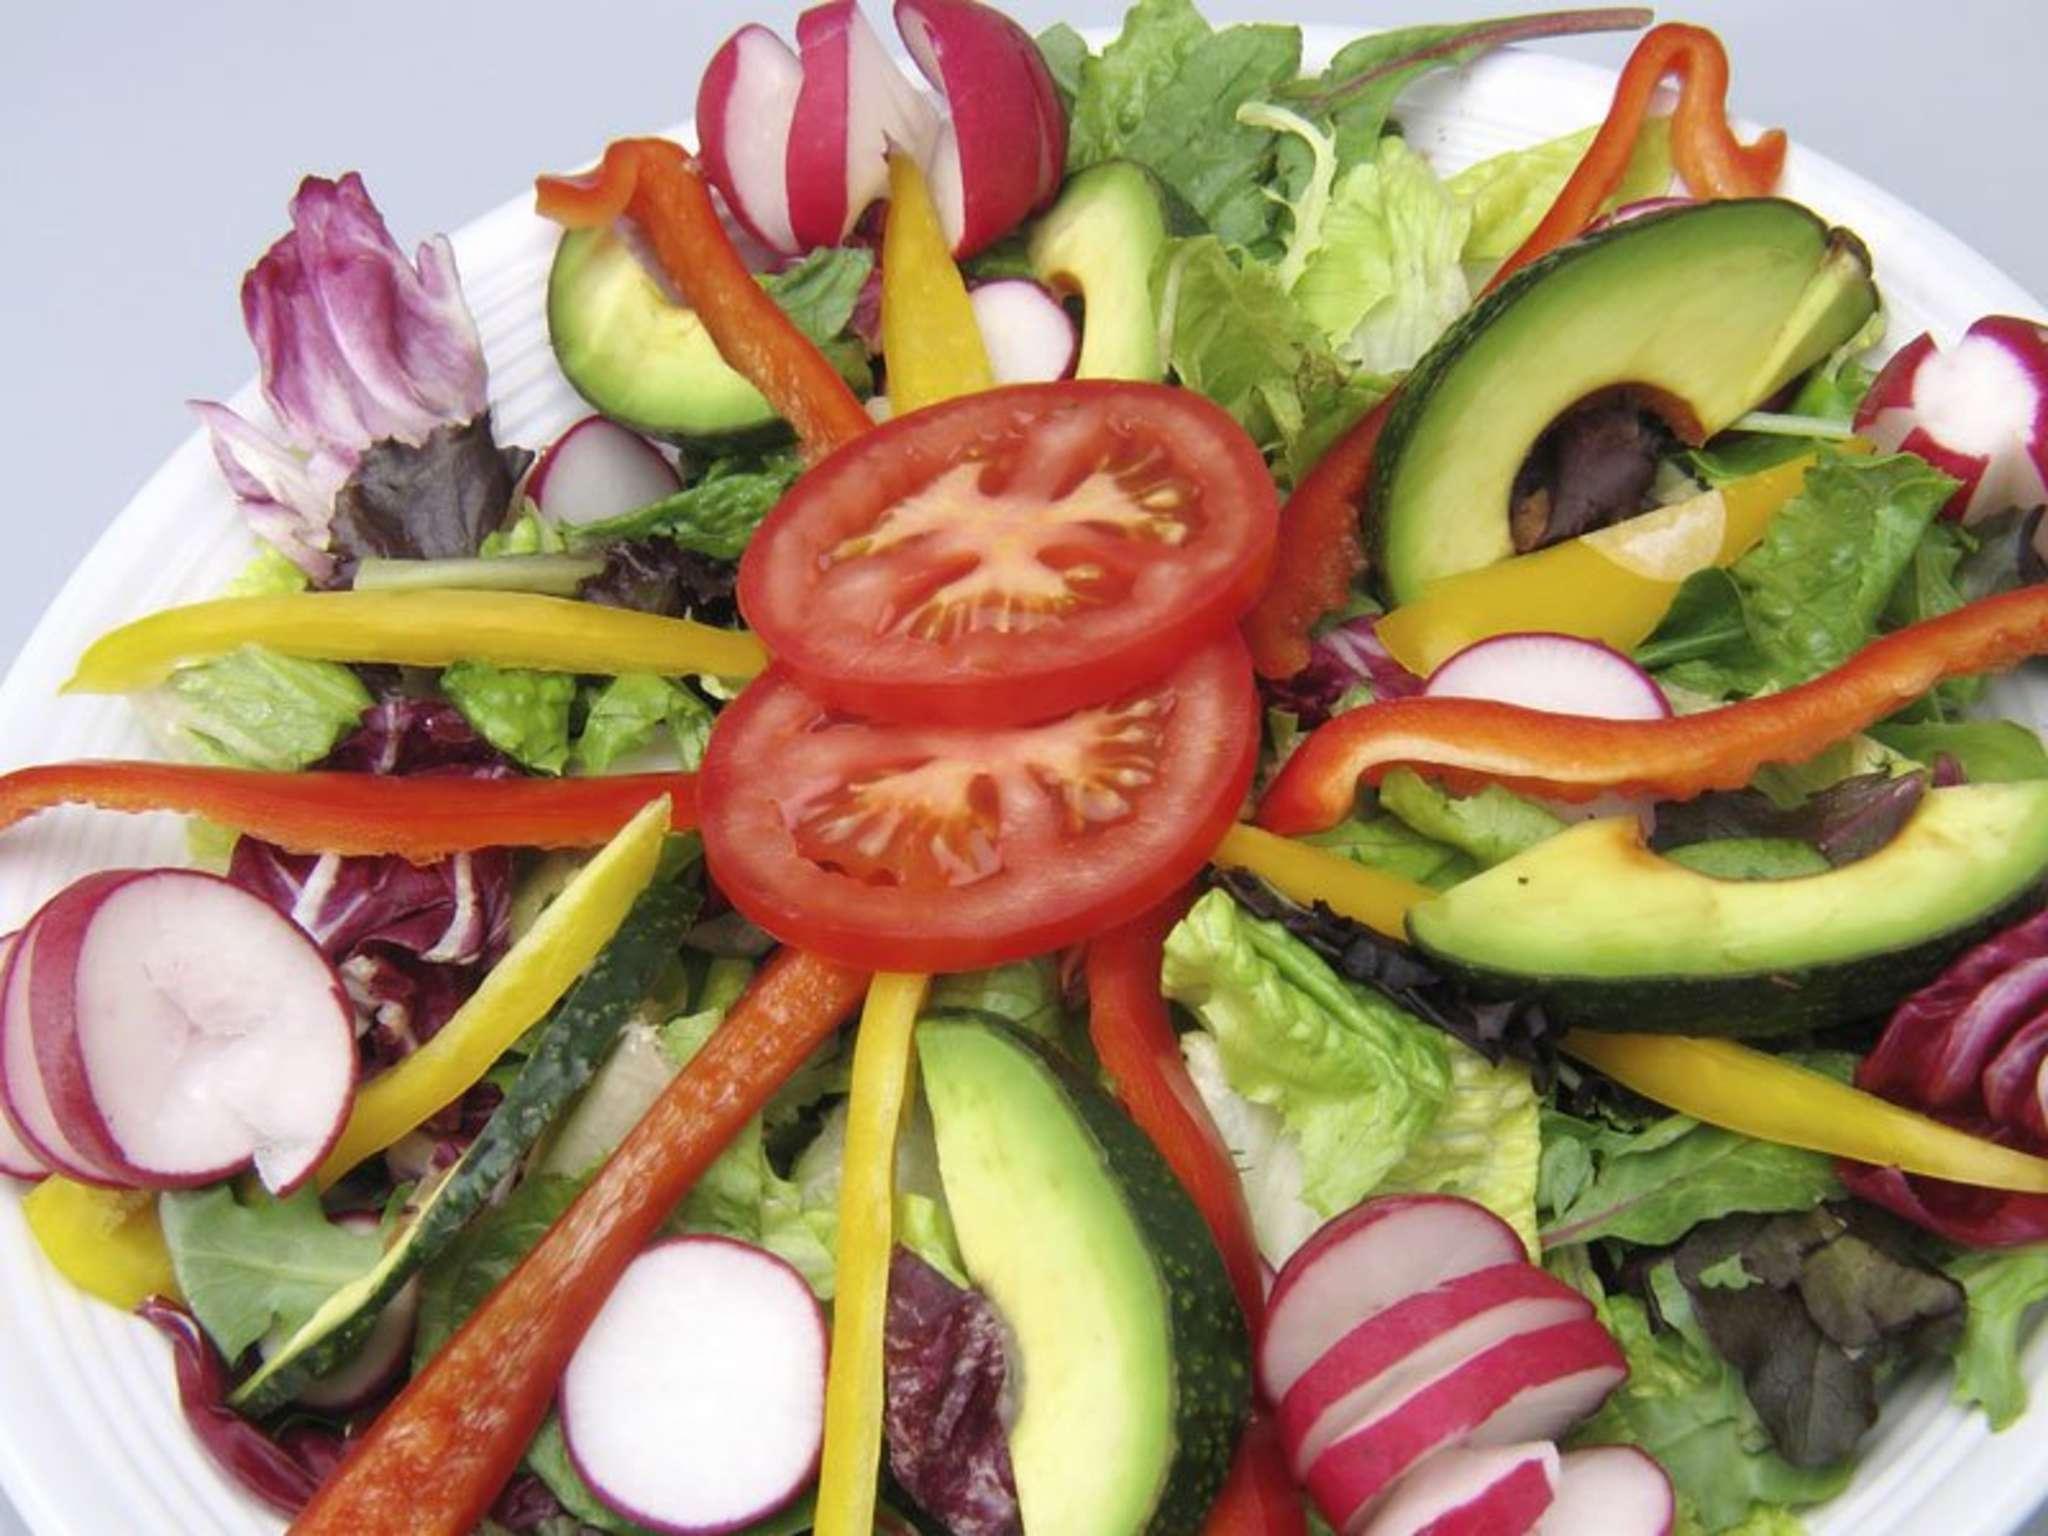 É Bom Comer Legumes Congelados?